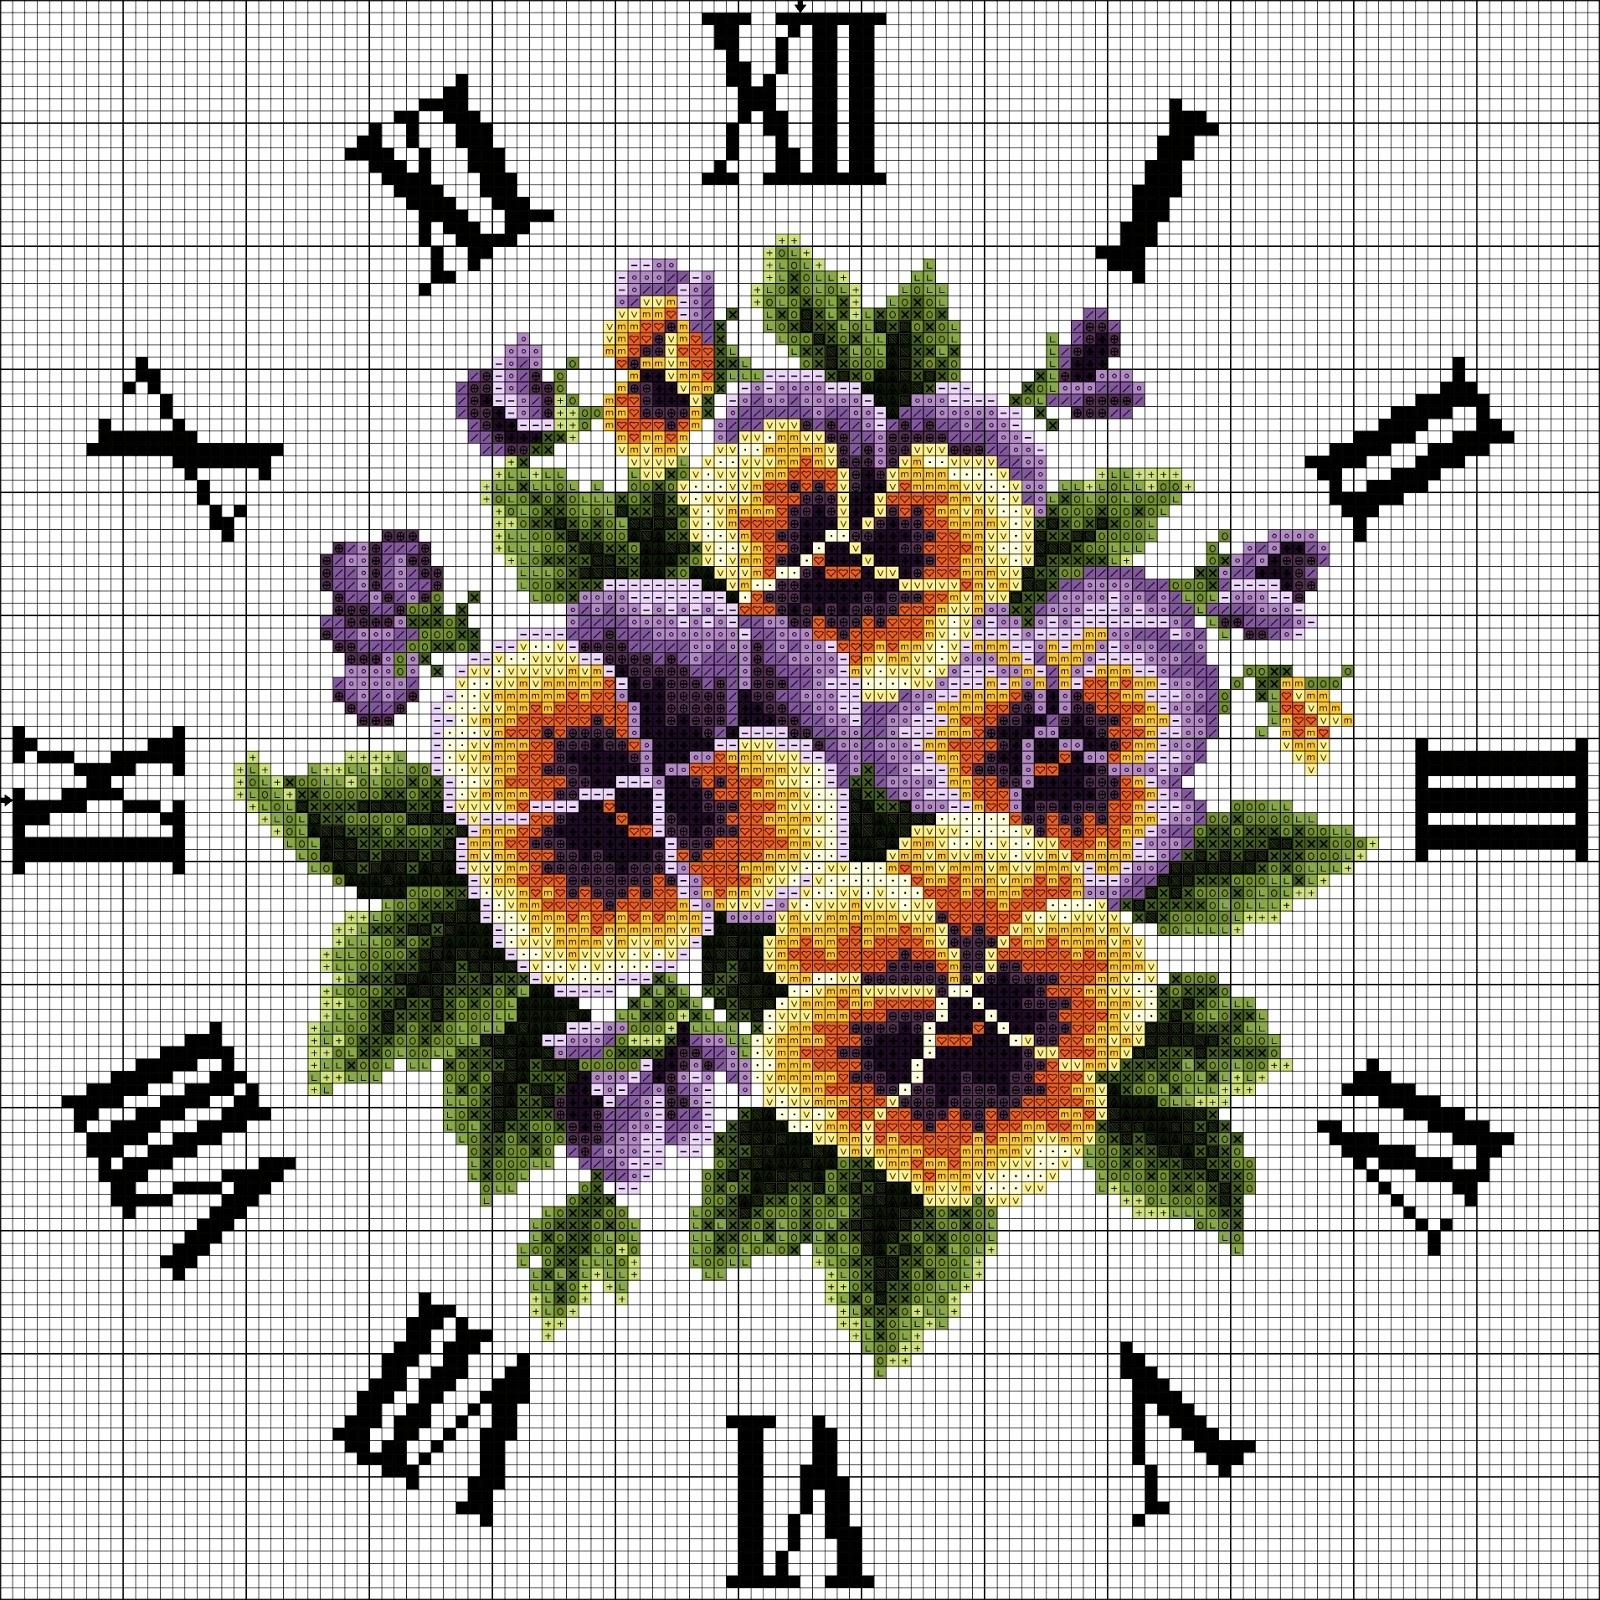 Orologio con viole a punto croce for Orologio punto croce schemi gratis